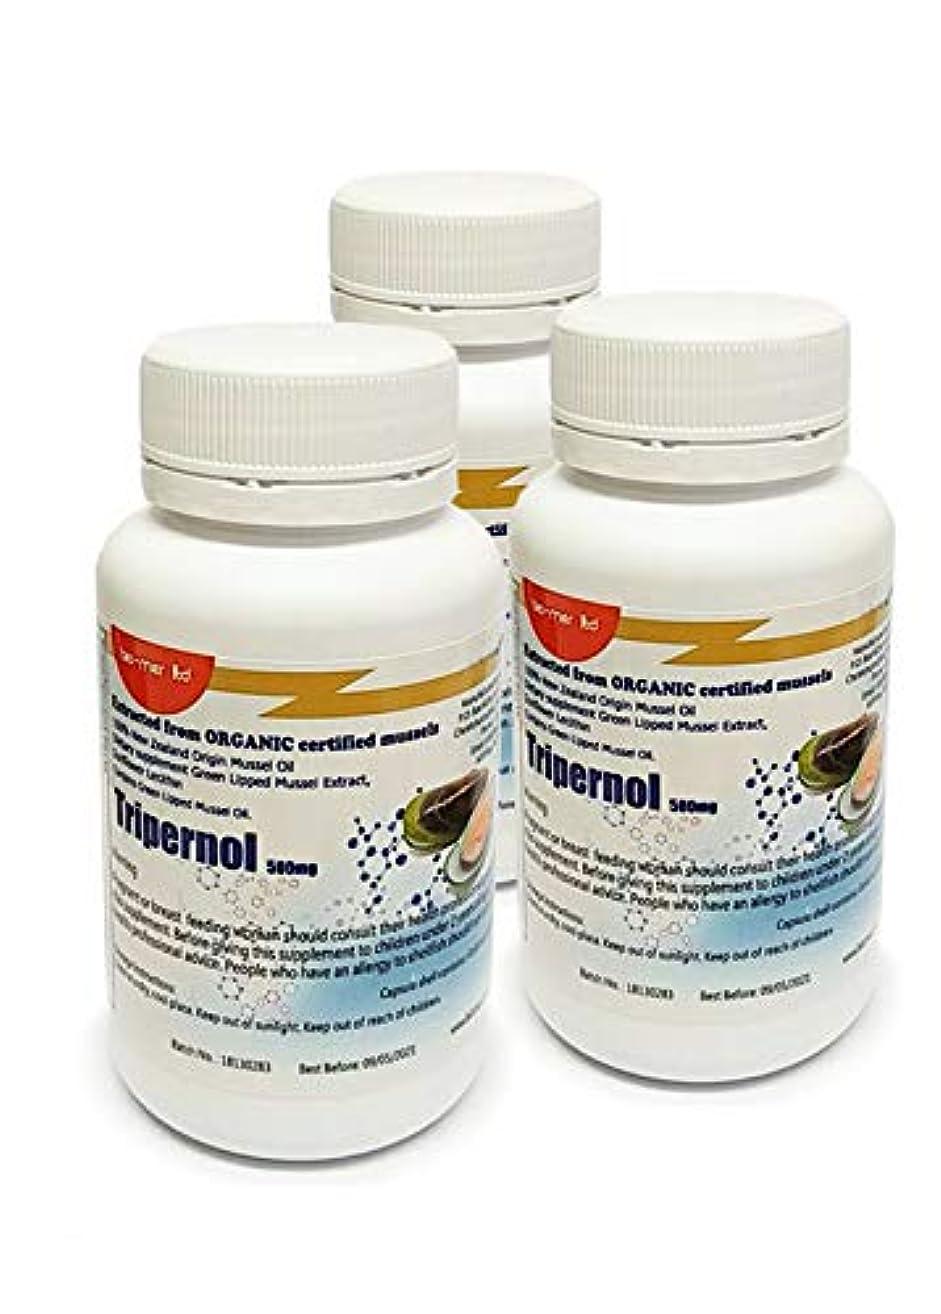 部分的傾いた異議ニュージーランドグリンリップムール貝オイル TRIPERNOL 3 PACK - Three 60 count bottles (180 soft gels) - Green Lipped Mussel Oil - EPA...